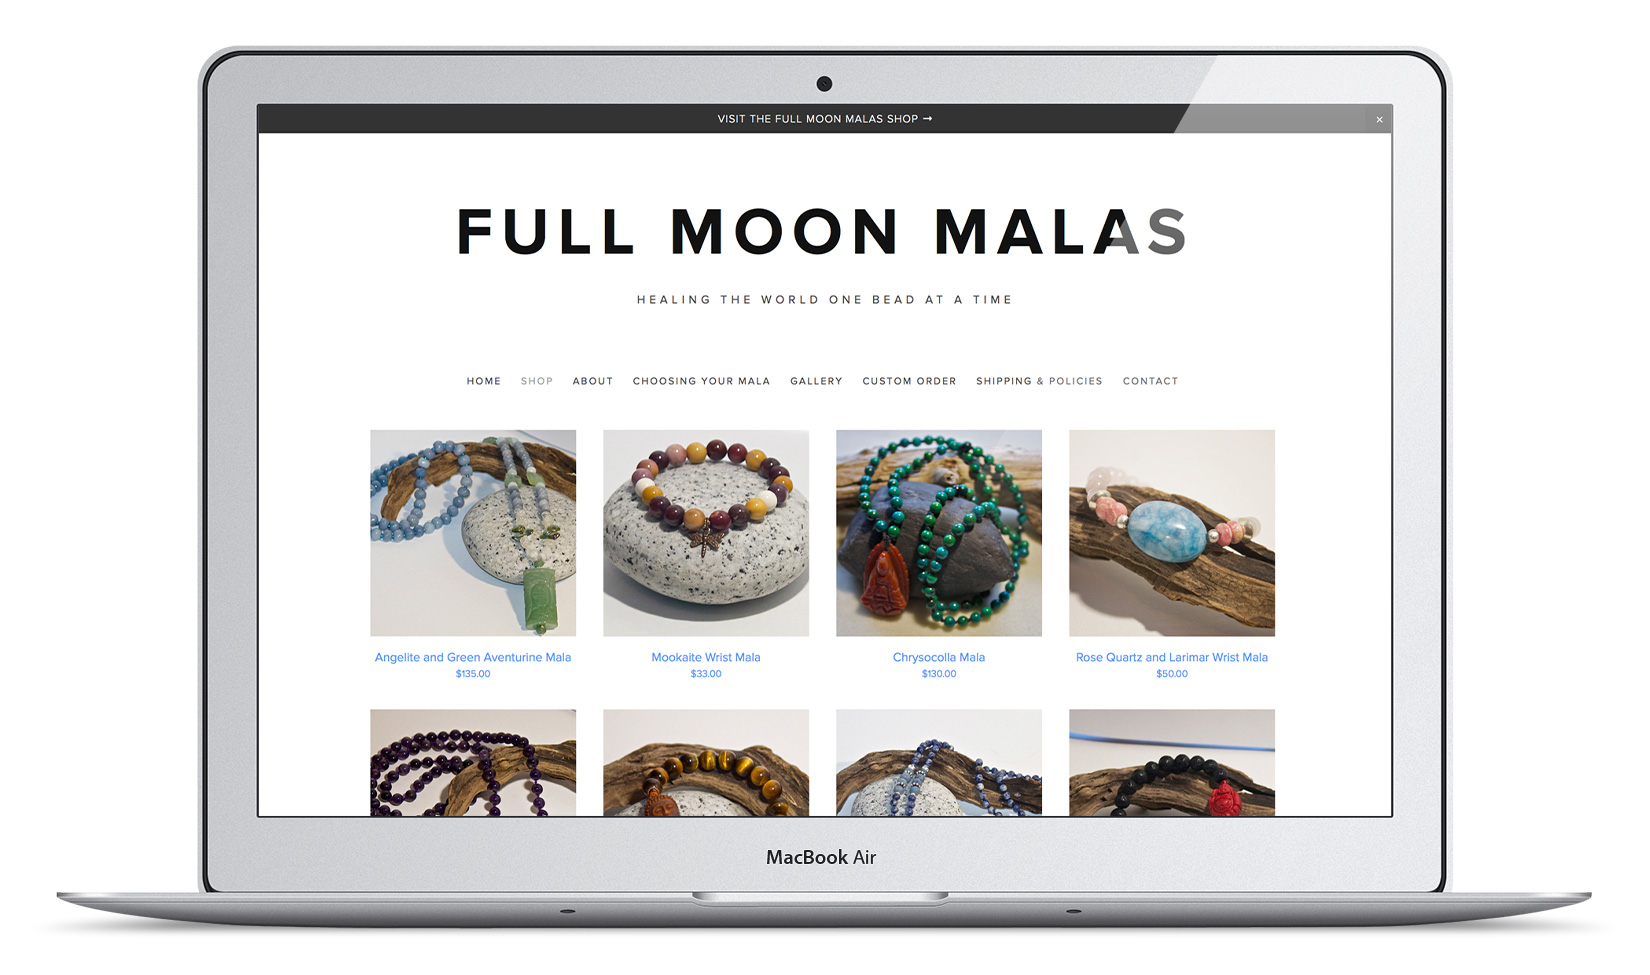 full-moon-malas-1.jpg